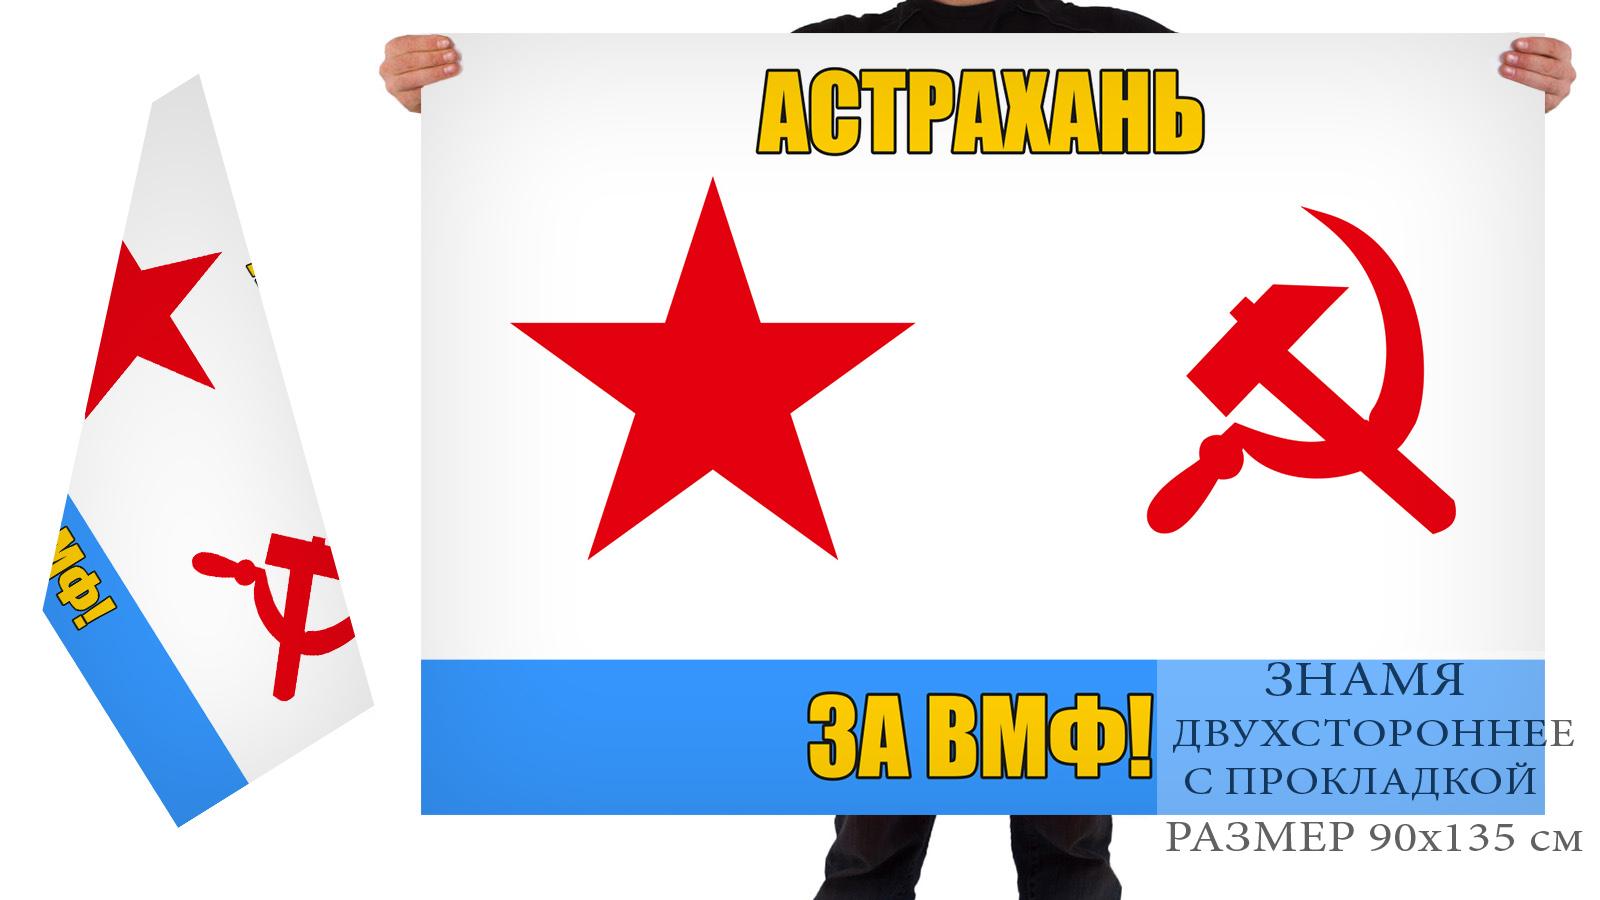 Двусторонний флаг ВМФ с принтом Астрахань